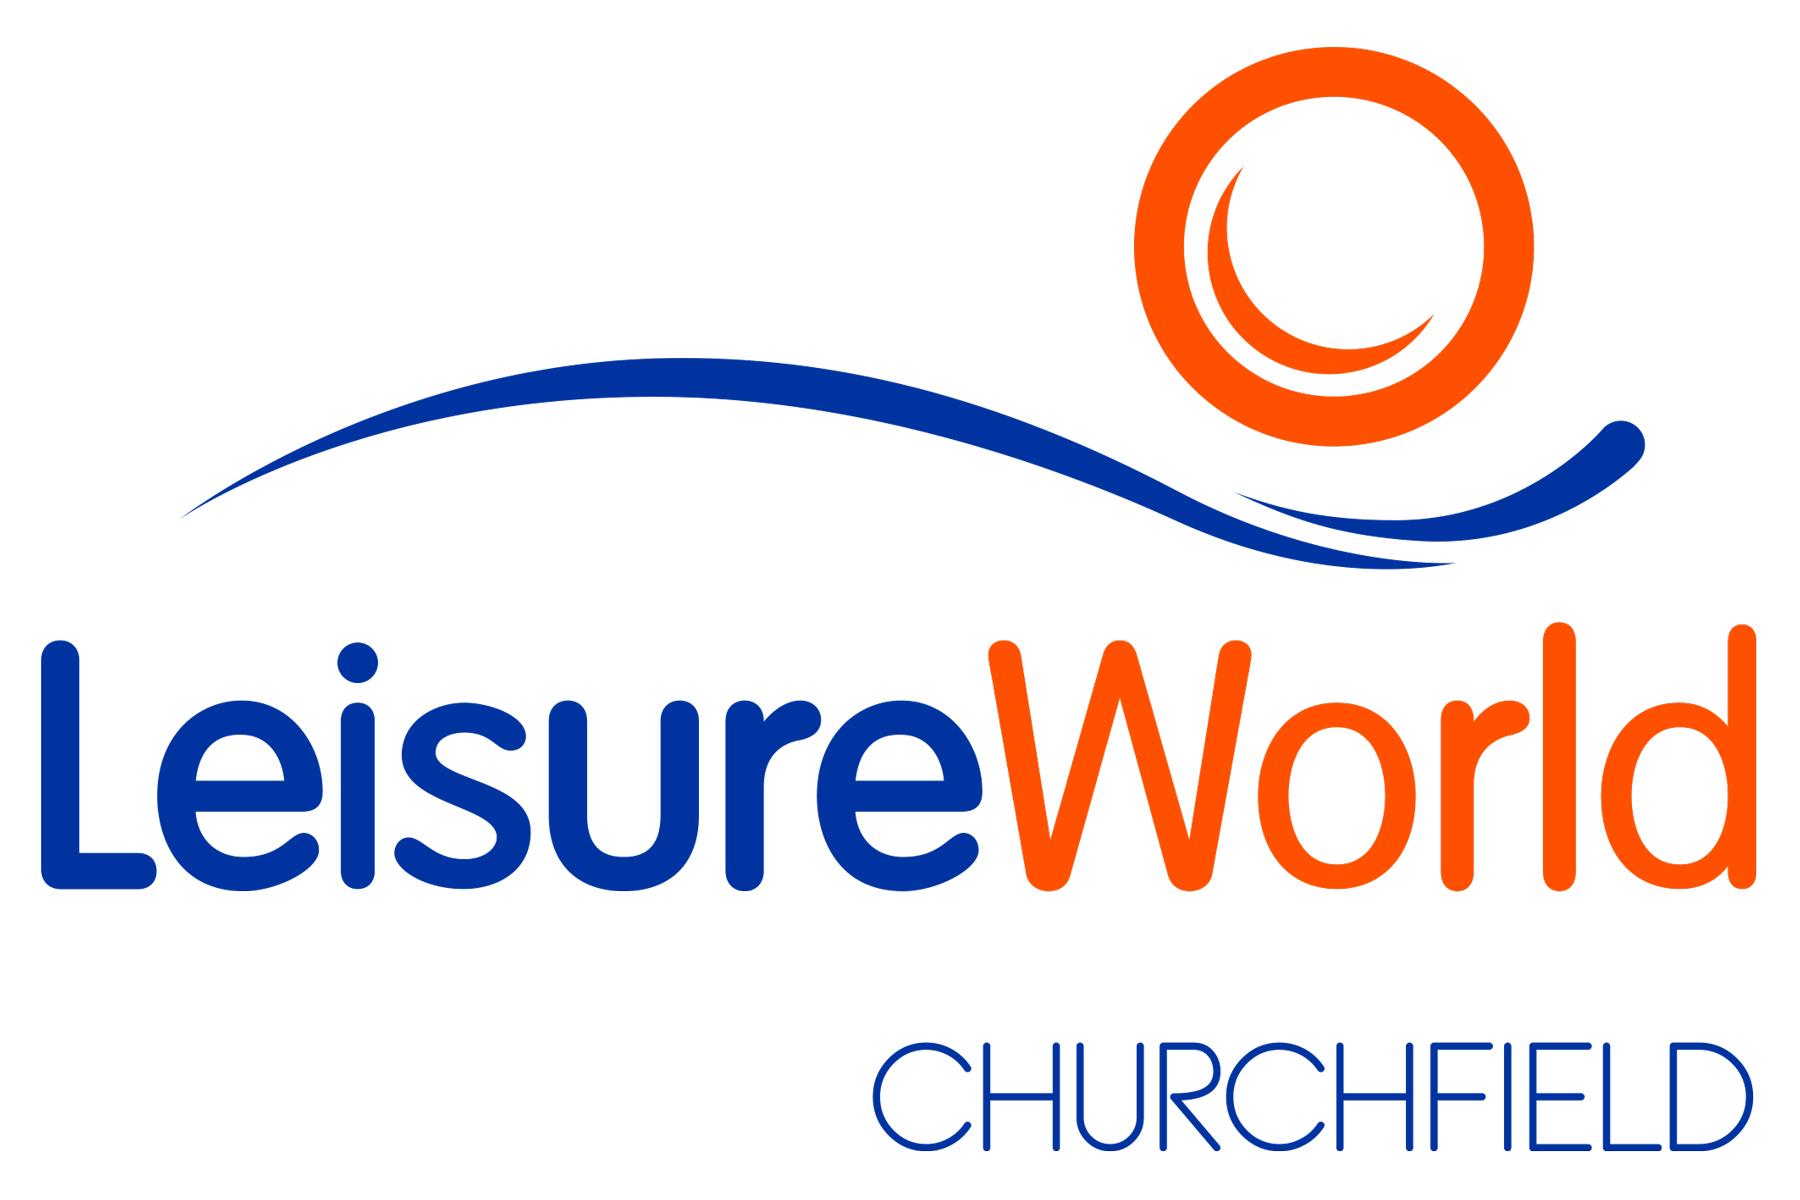 LeisureWorld Churchfield